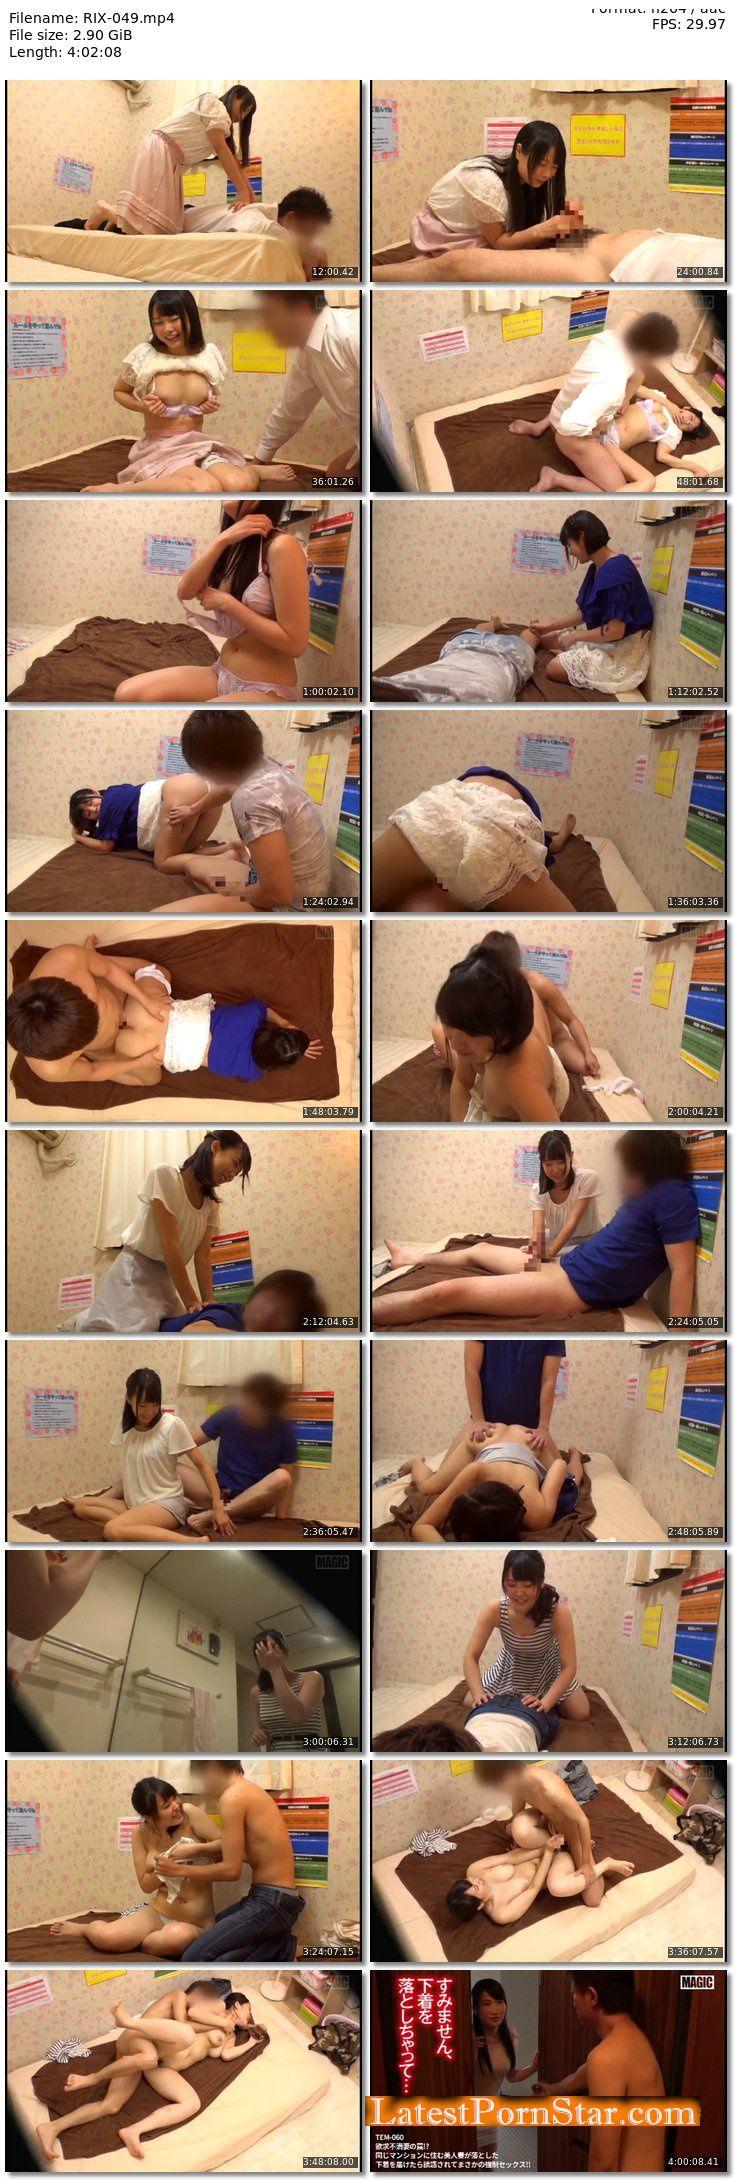 [RIX-049] オナクラ盗撮 「脱ぎNG」「本番NG」のオナクラ店で密室本番交渉!!